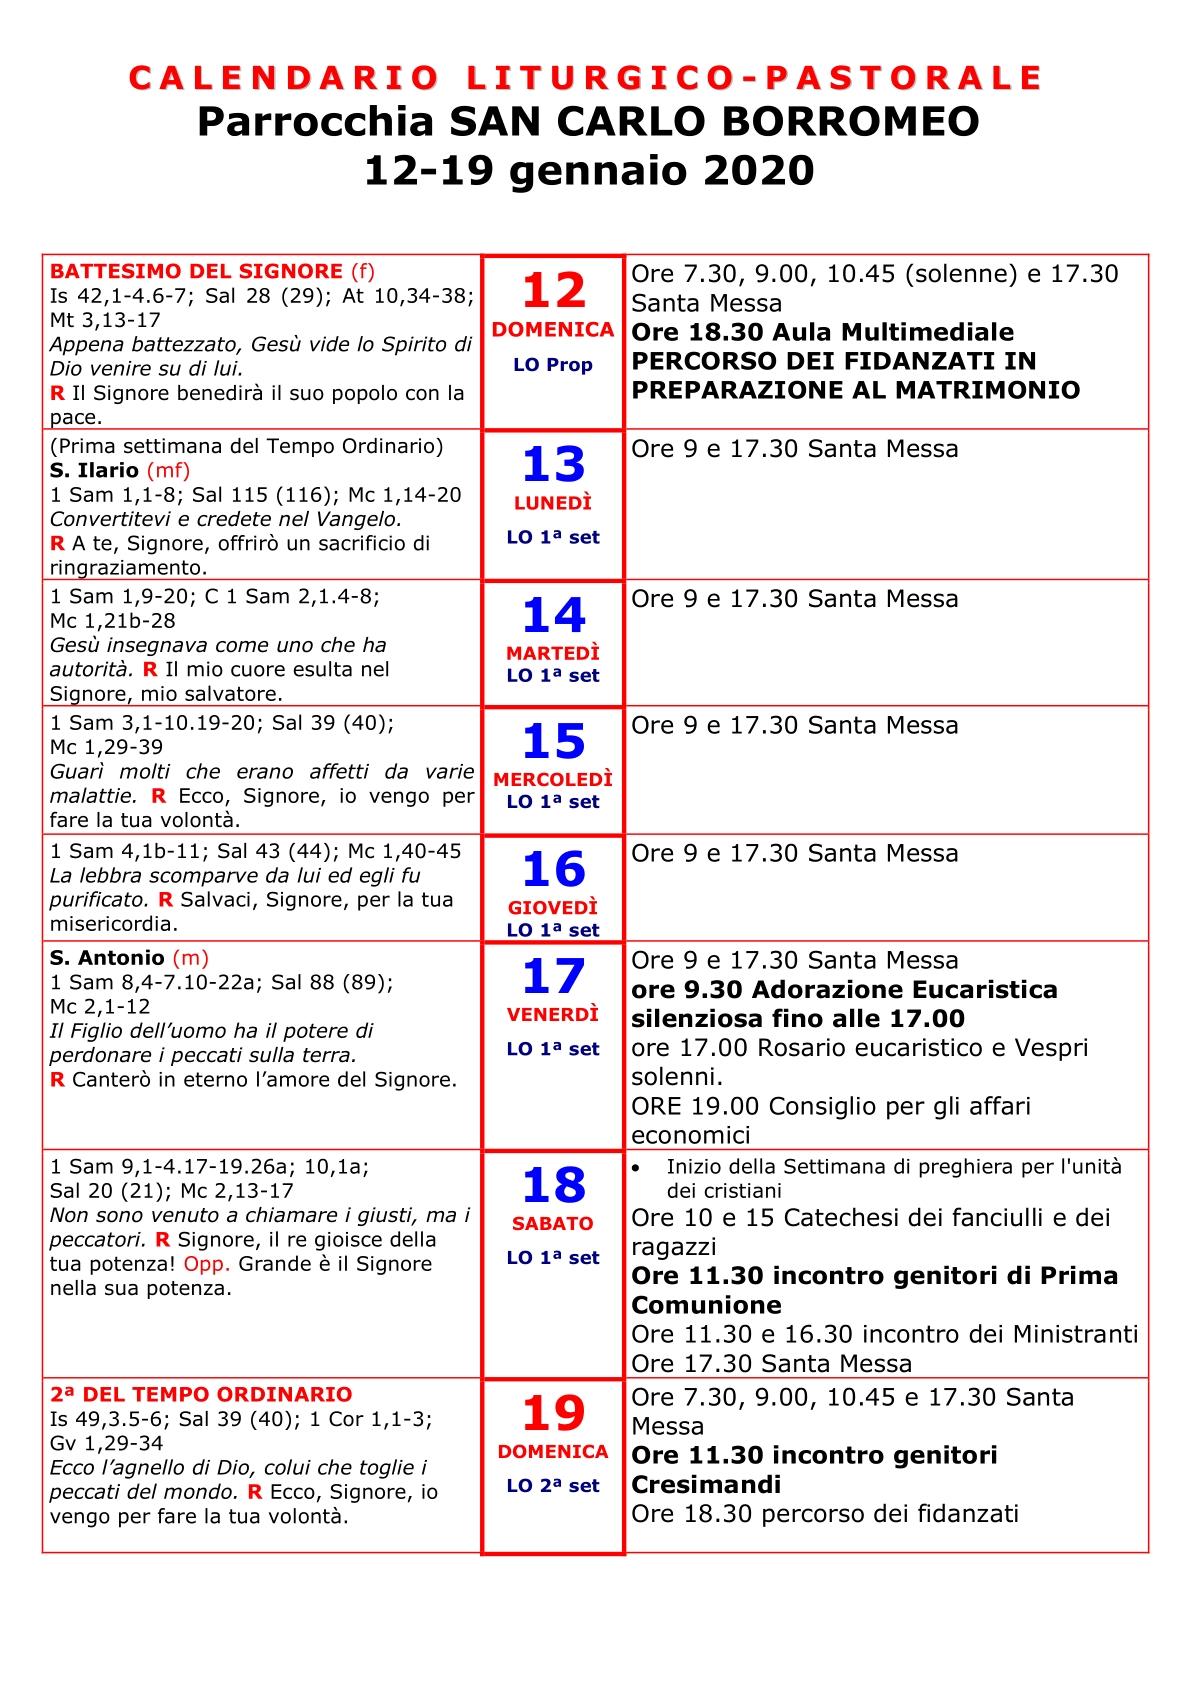 1 avvisi 12-19